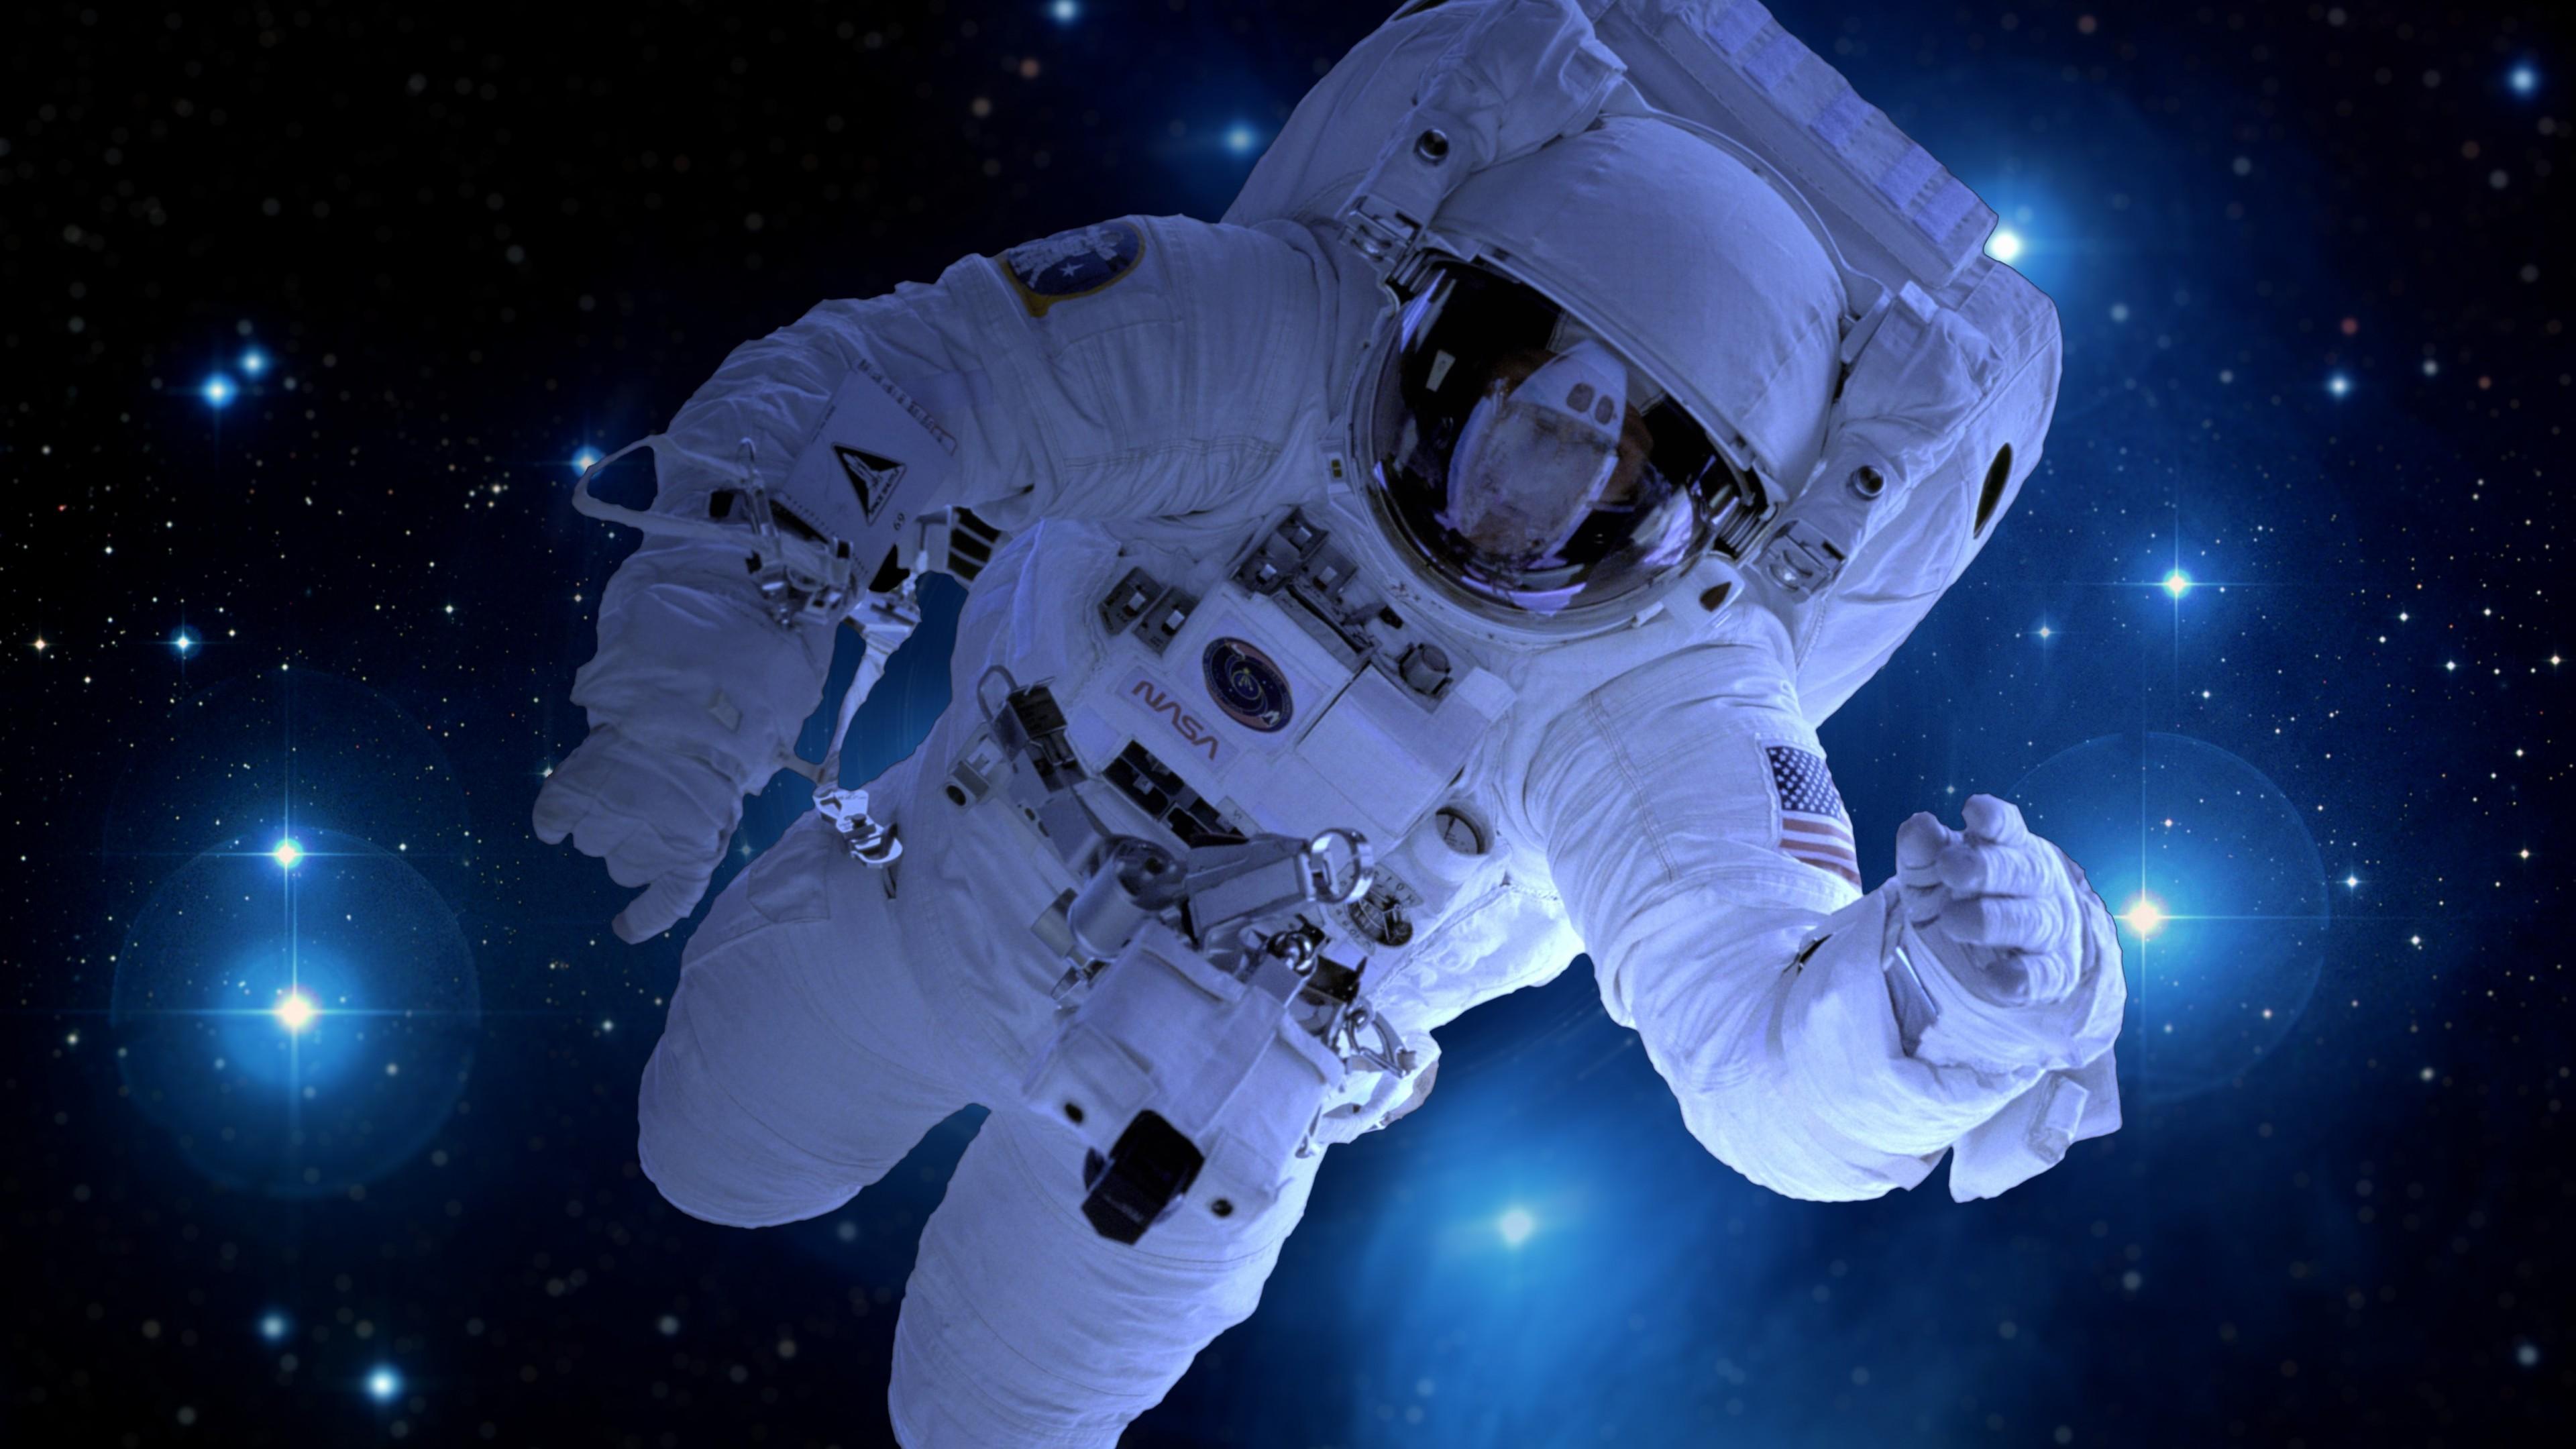 Астронавт в космическом скафандре,комбинезоне  в открытом космосе среди сверкающих звезд